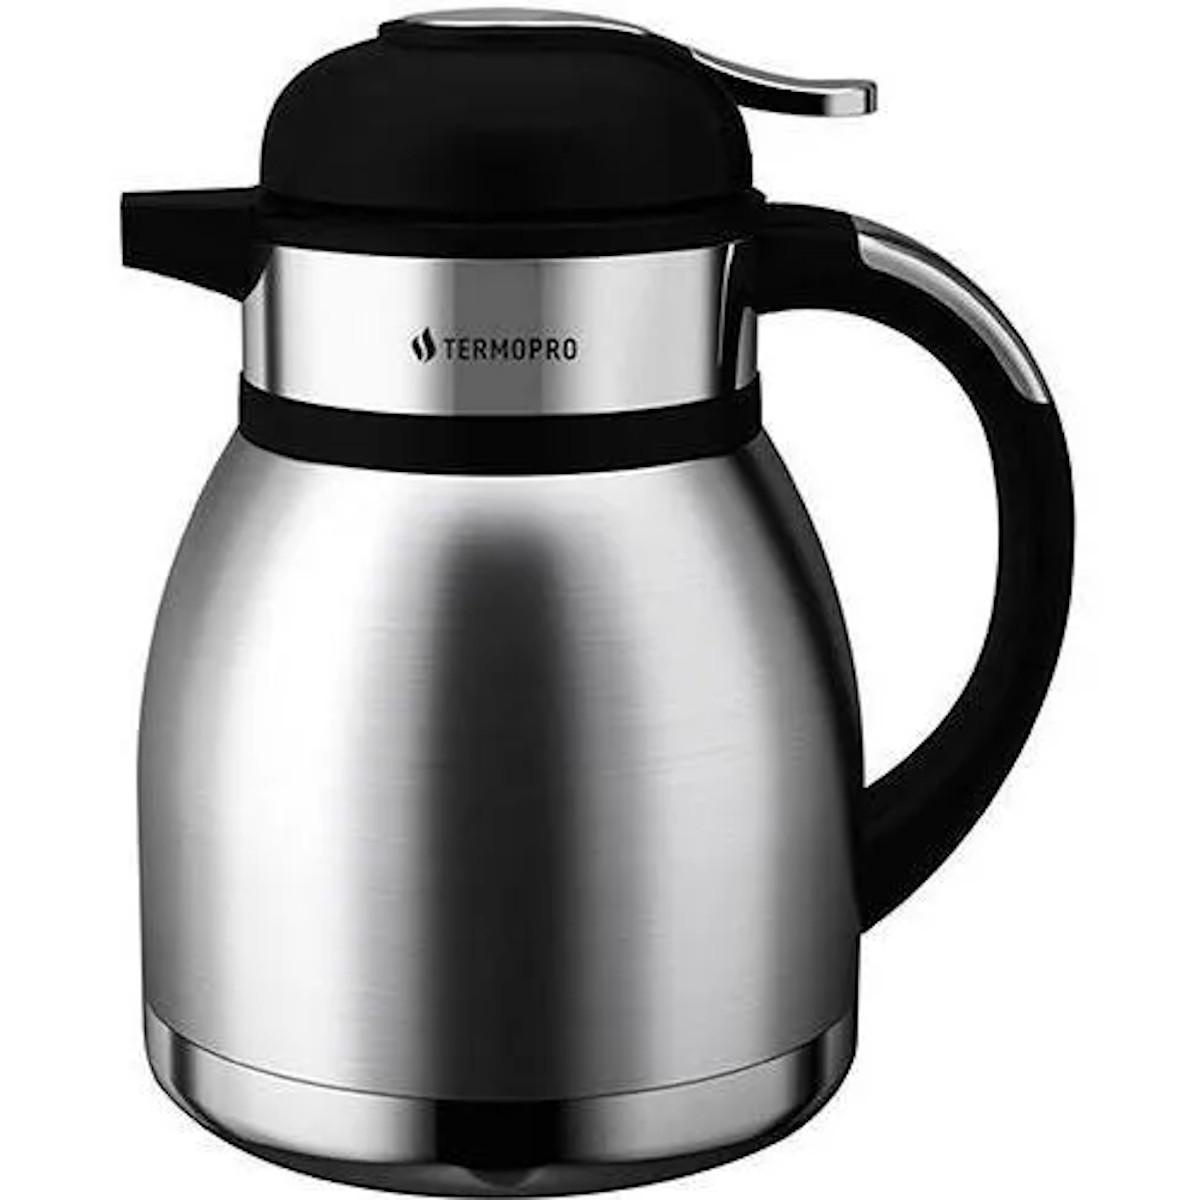 Garrafa Térmica de Café Chá Leite em Aço Inox Begônia 1.2L TP6500 - Termopro